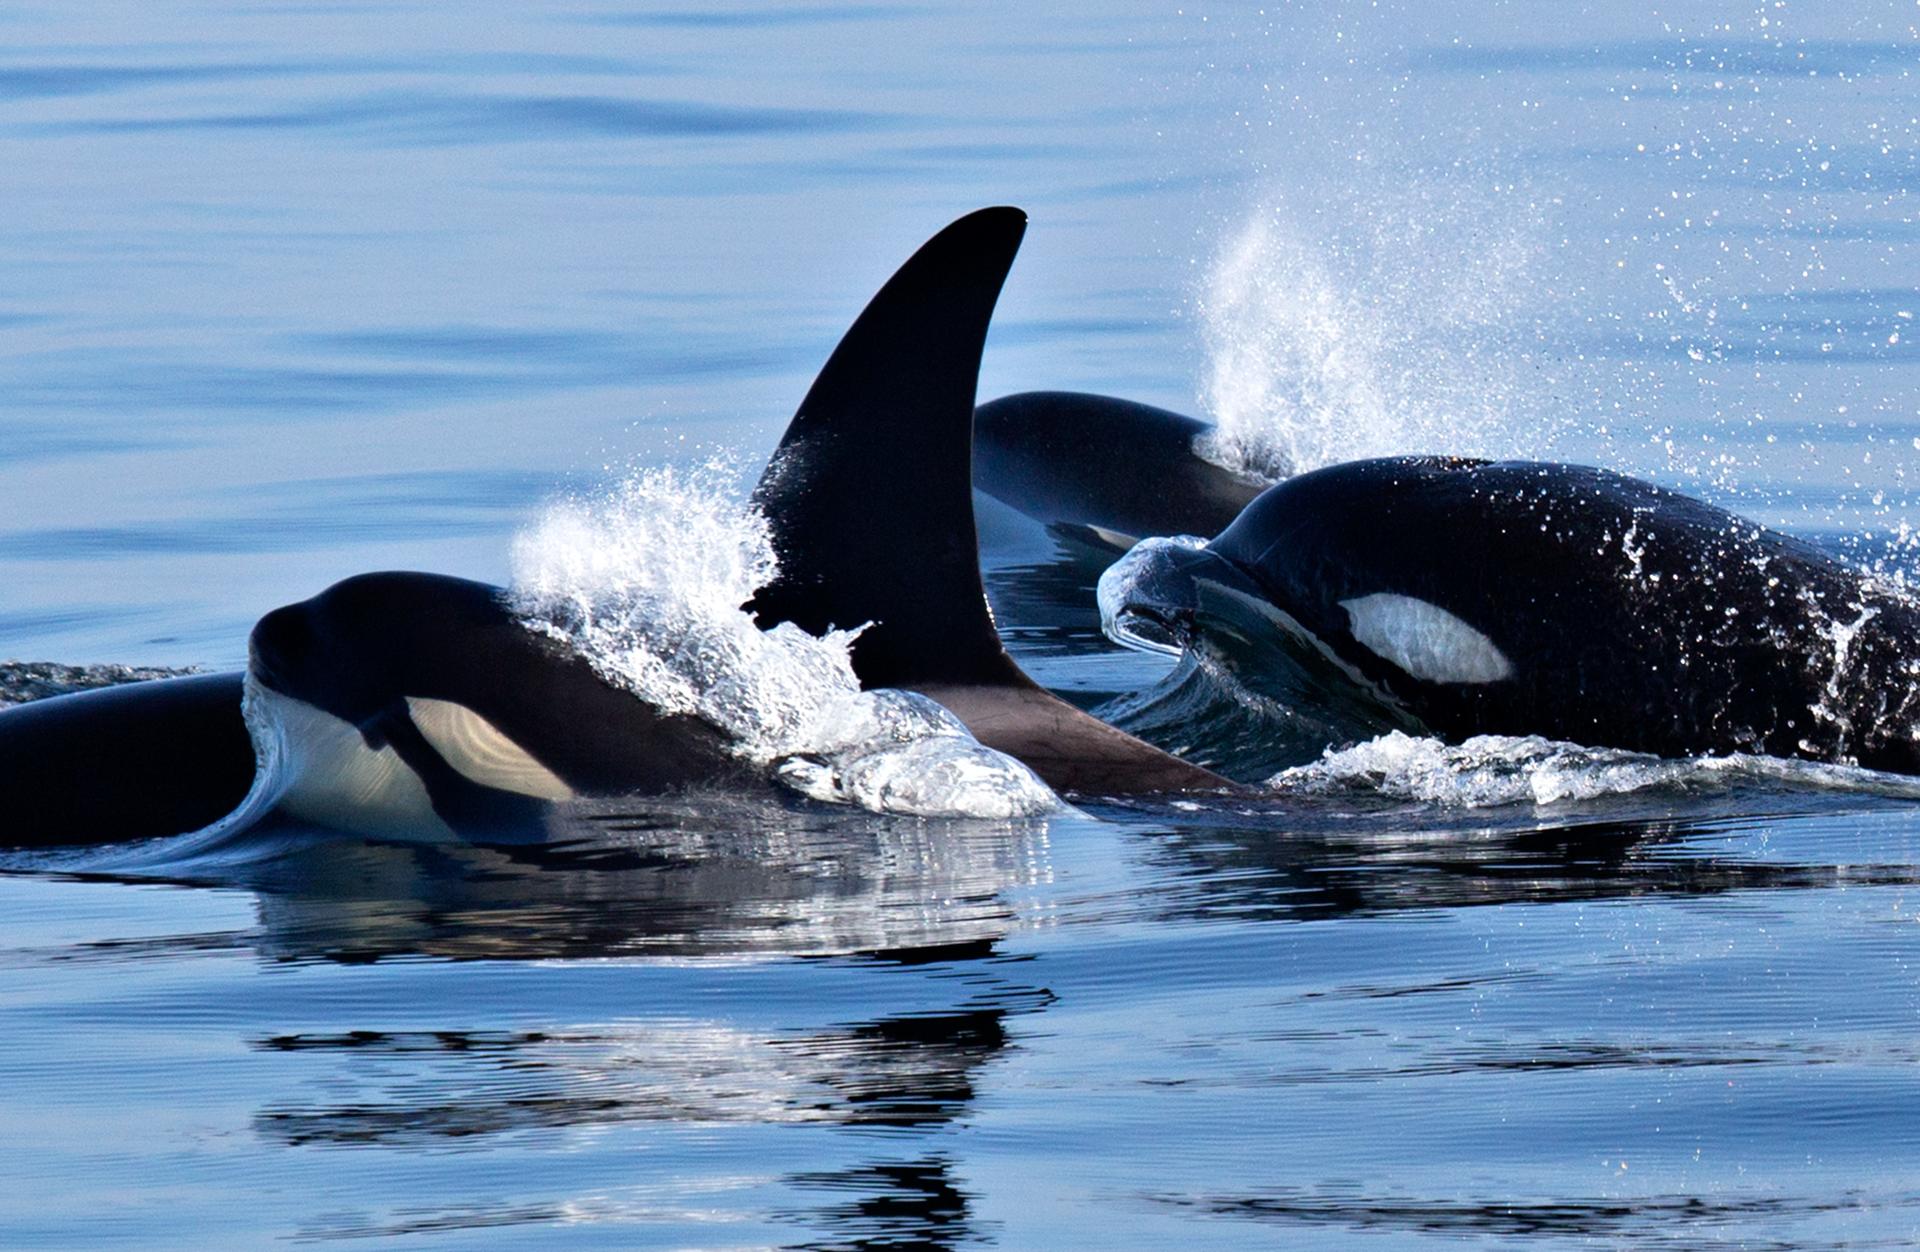 Killer_whales_BH6A1803crop